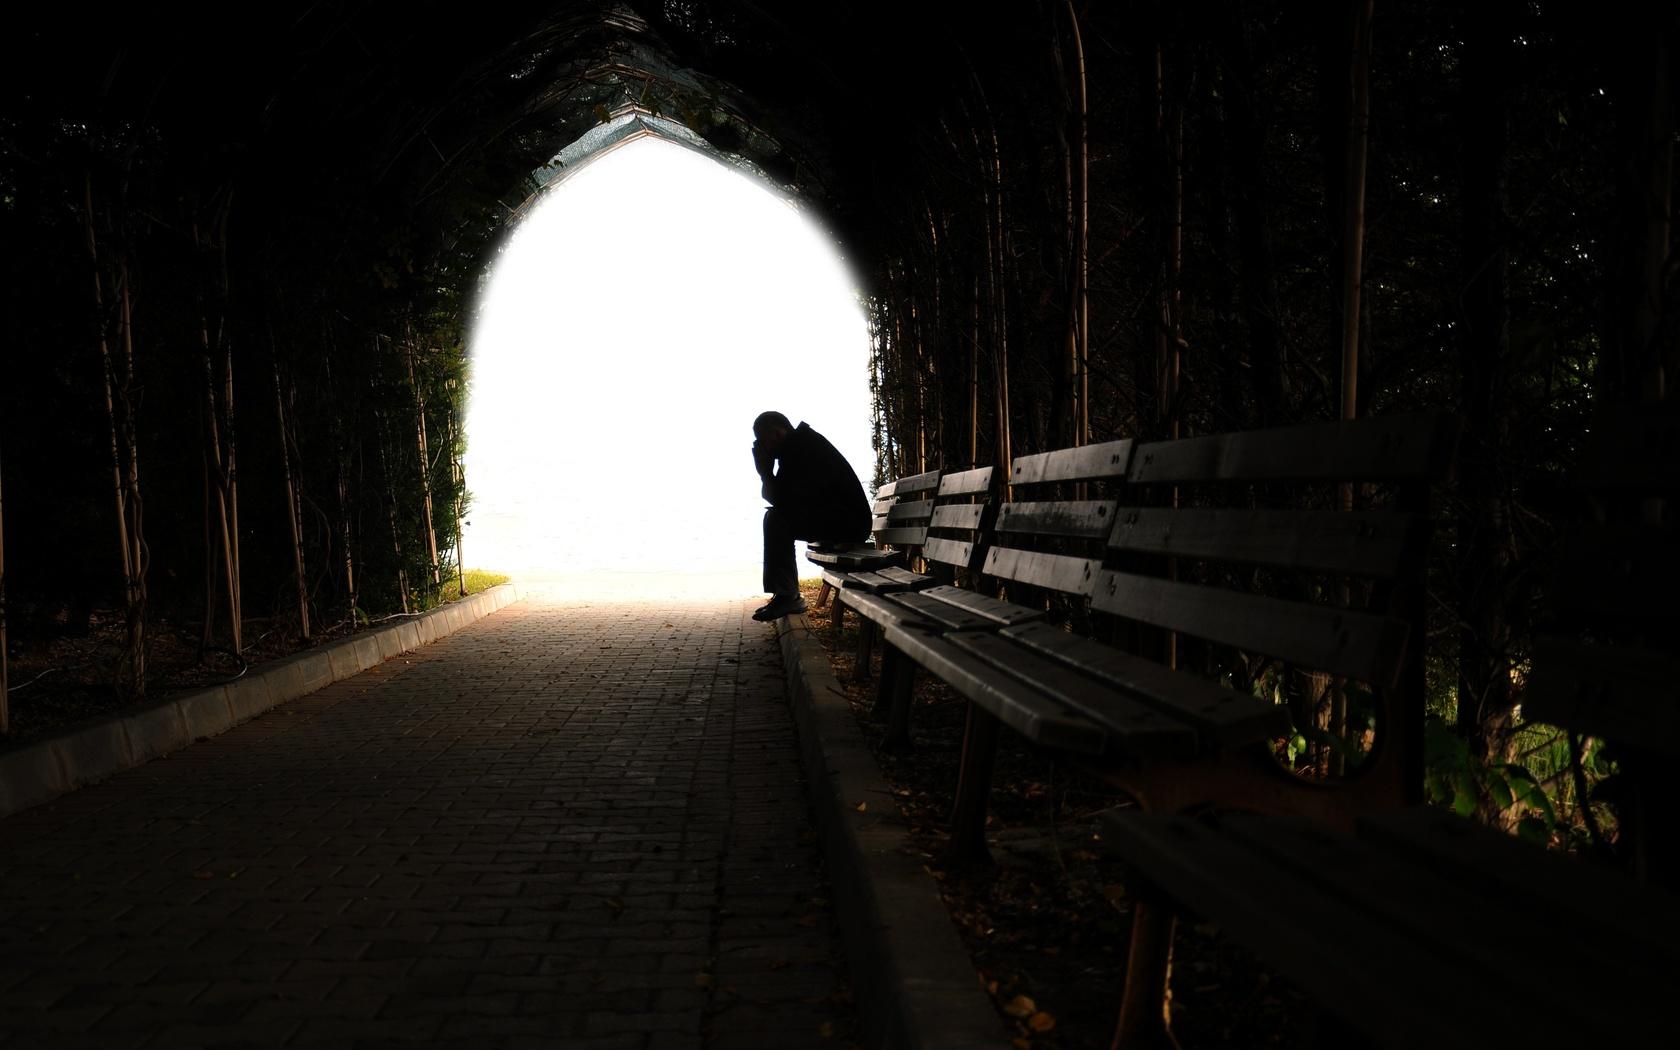 фото одиночество и мрака атаку